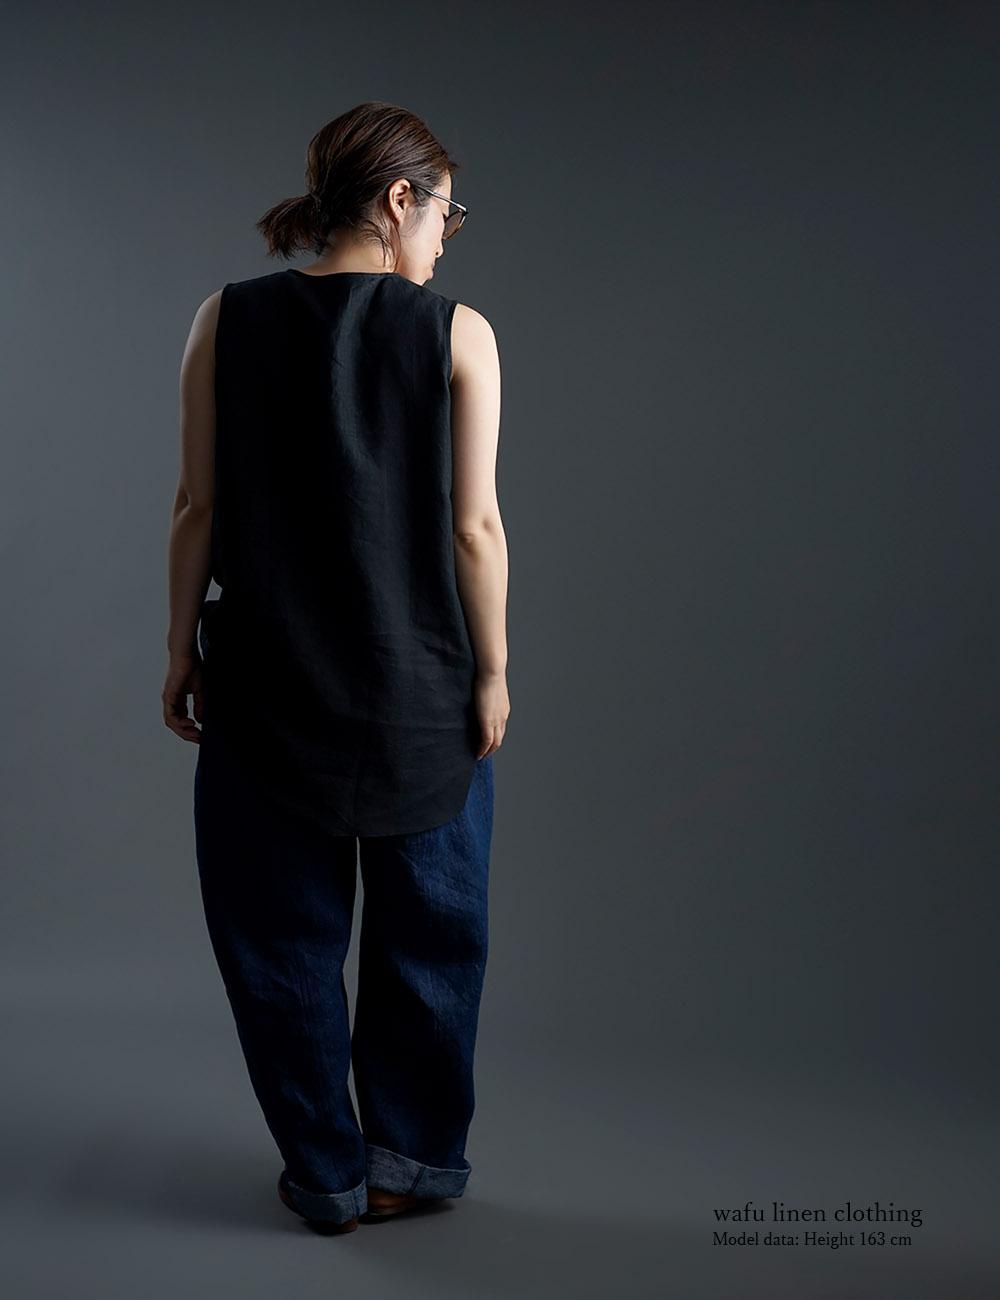 【wafu】雅亜麻 Linen Top ヘンリーネック ロング丈 インナーとしても /黒色 p011a-bck1